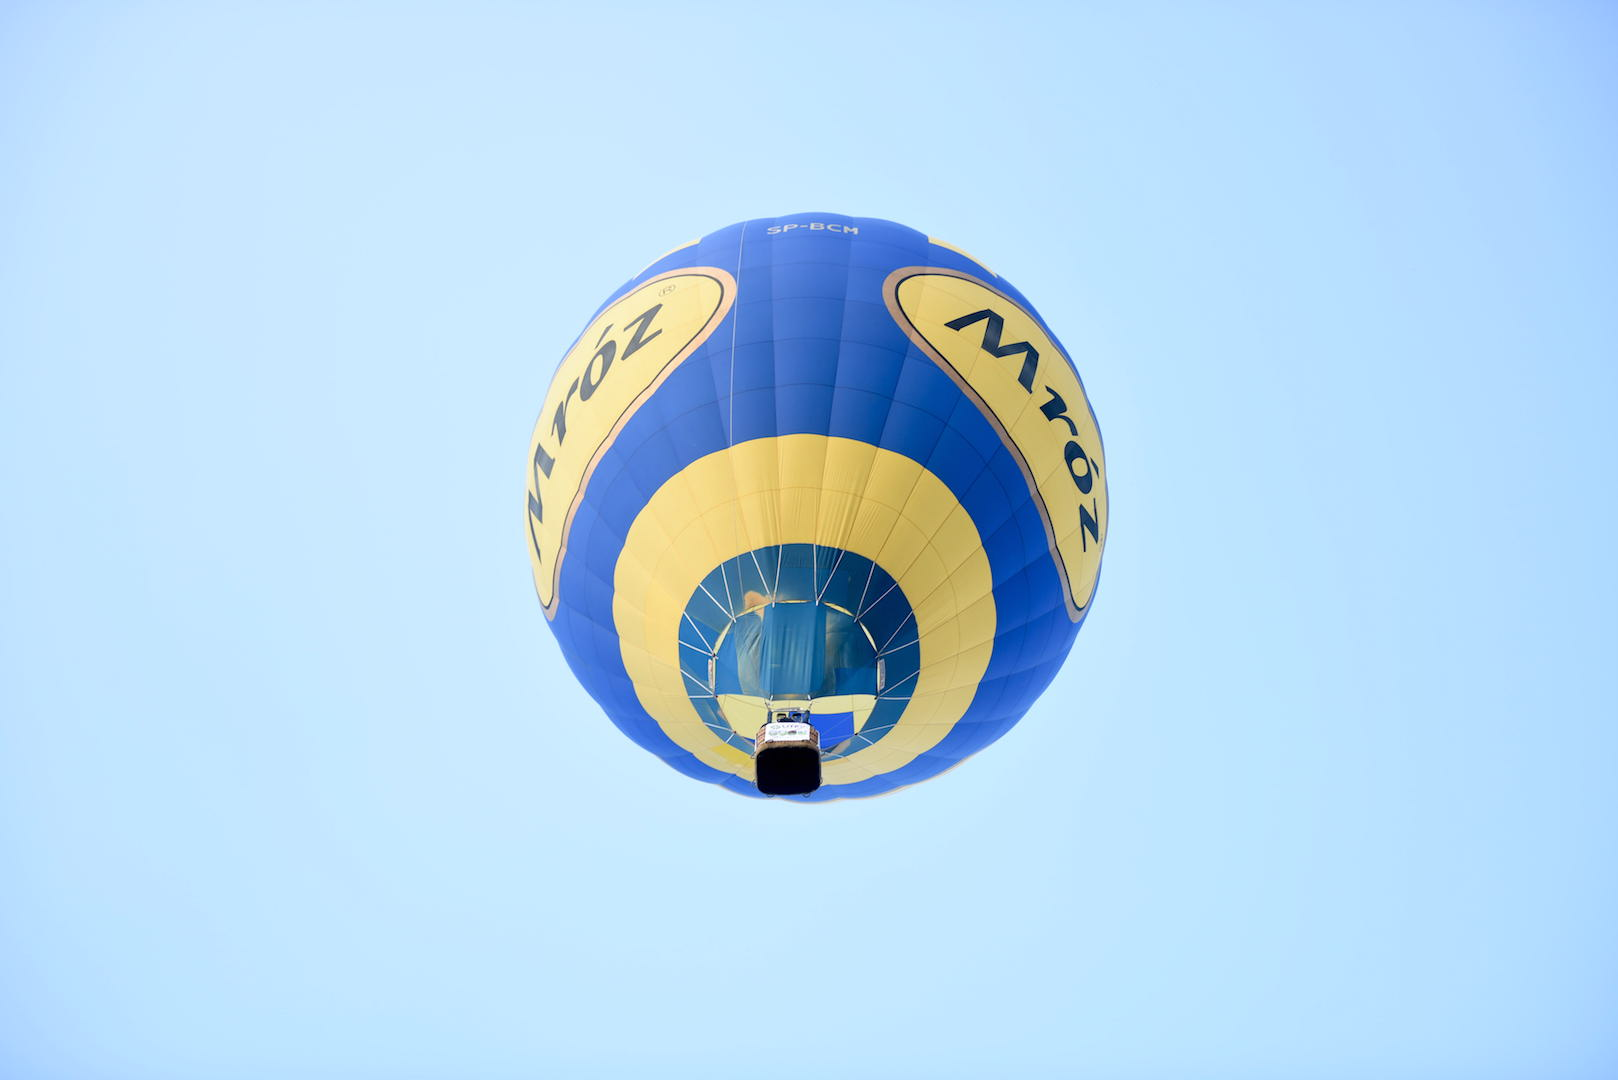 balon w powietrzu